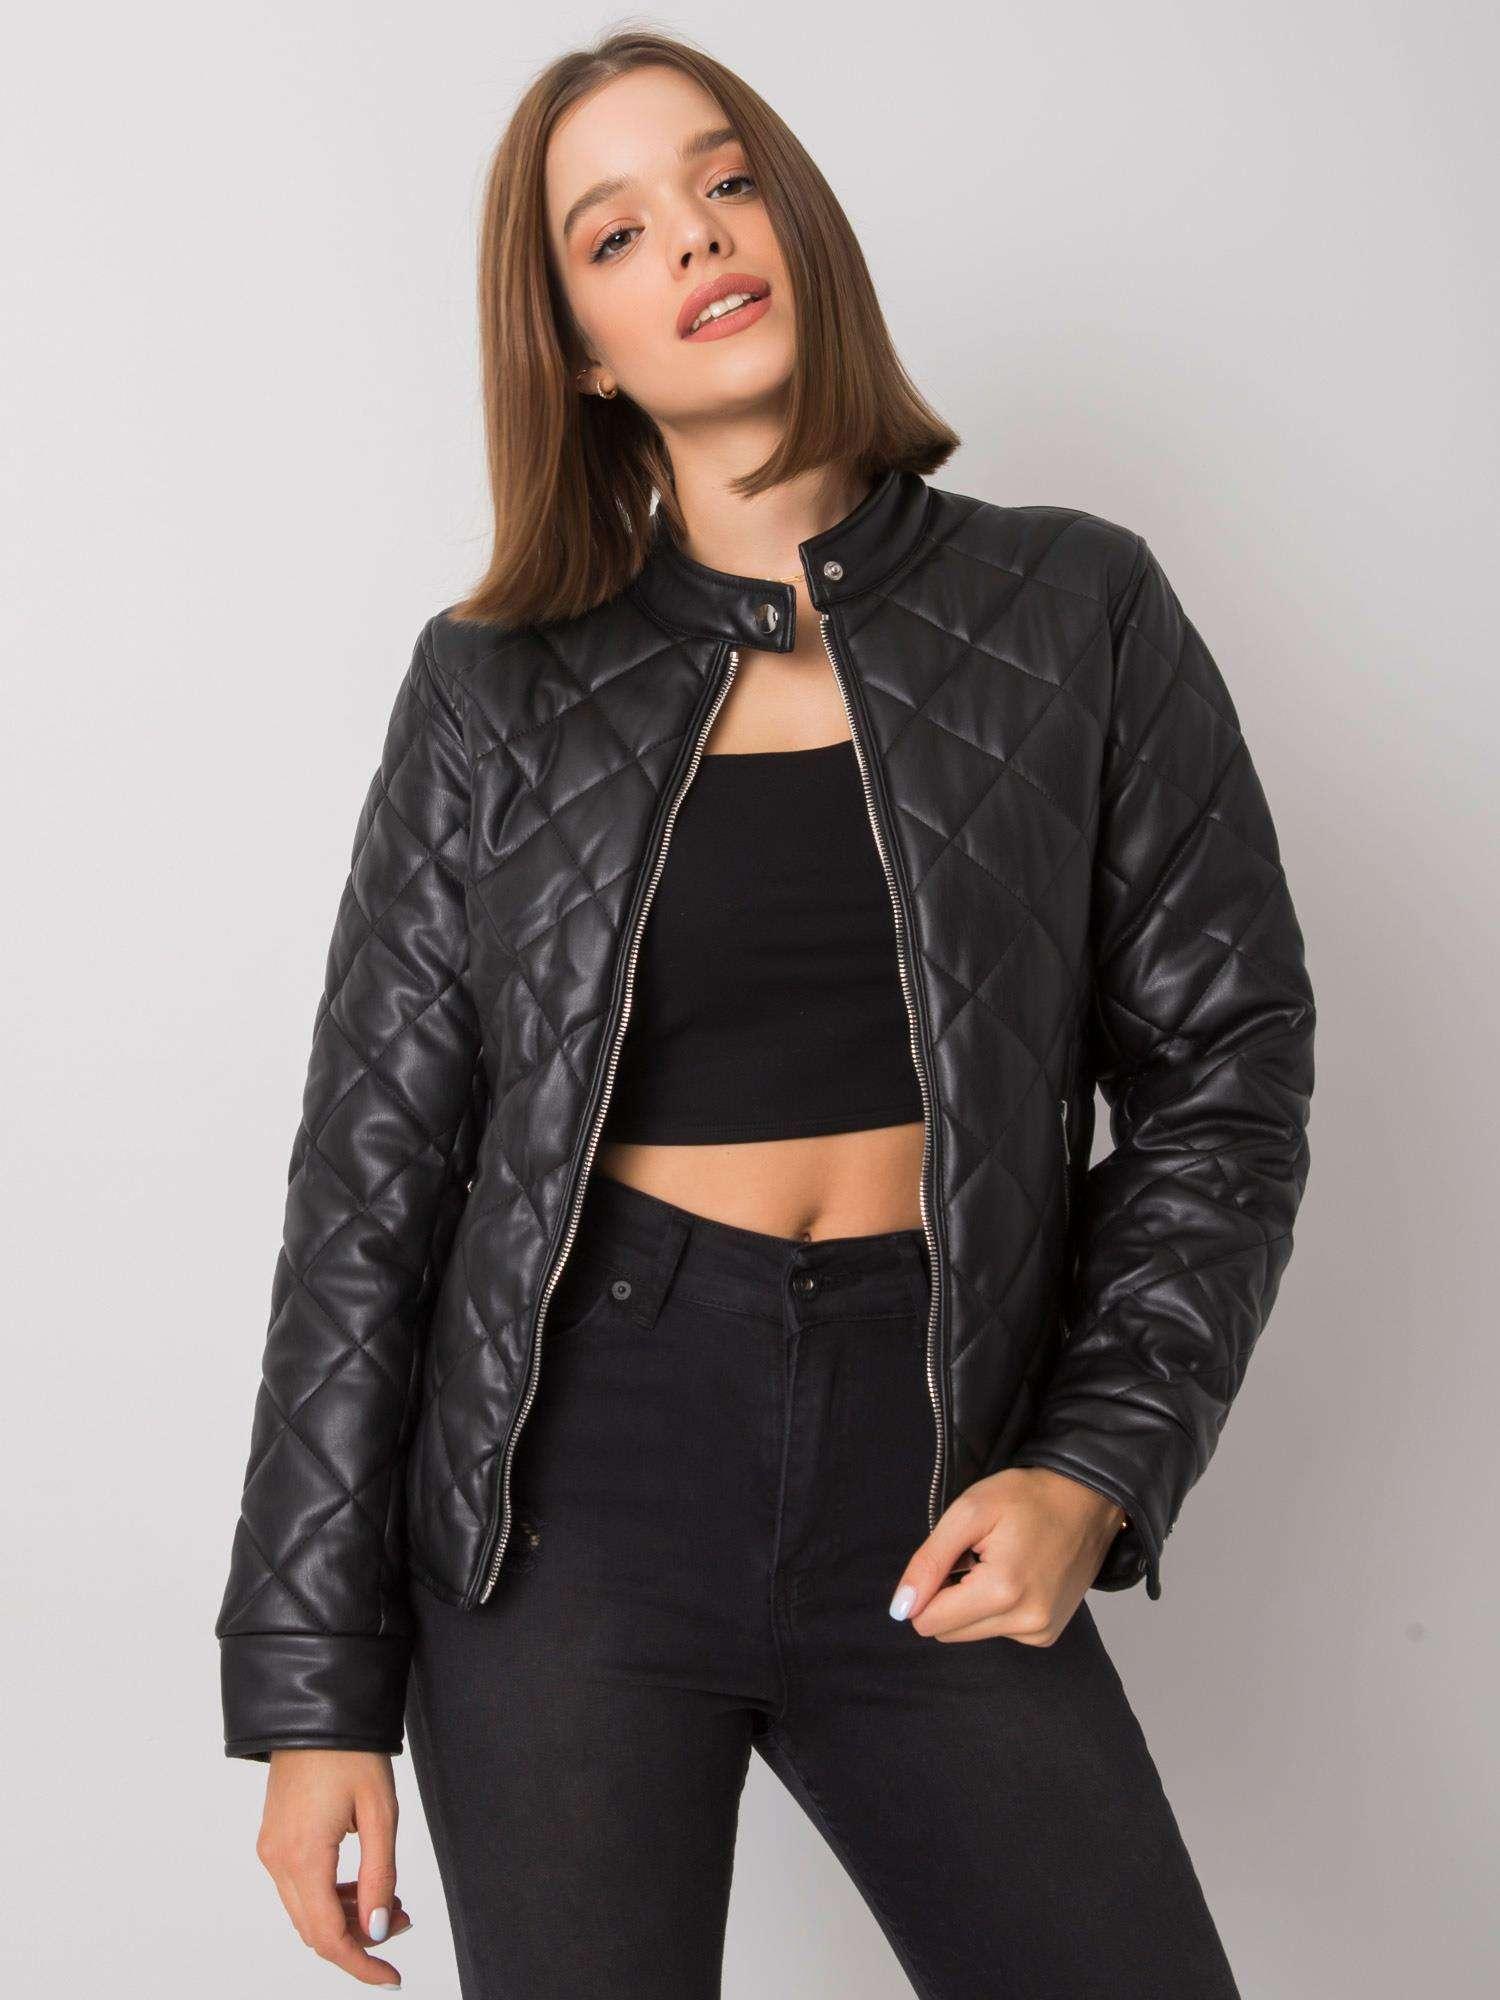 Černá dámská prošívaná koženková bunda NM-DE-KR-D-3222.81P-black Velikost: S